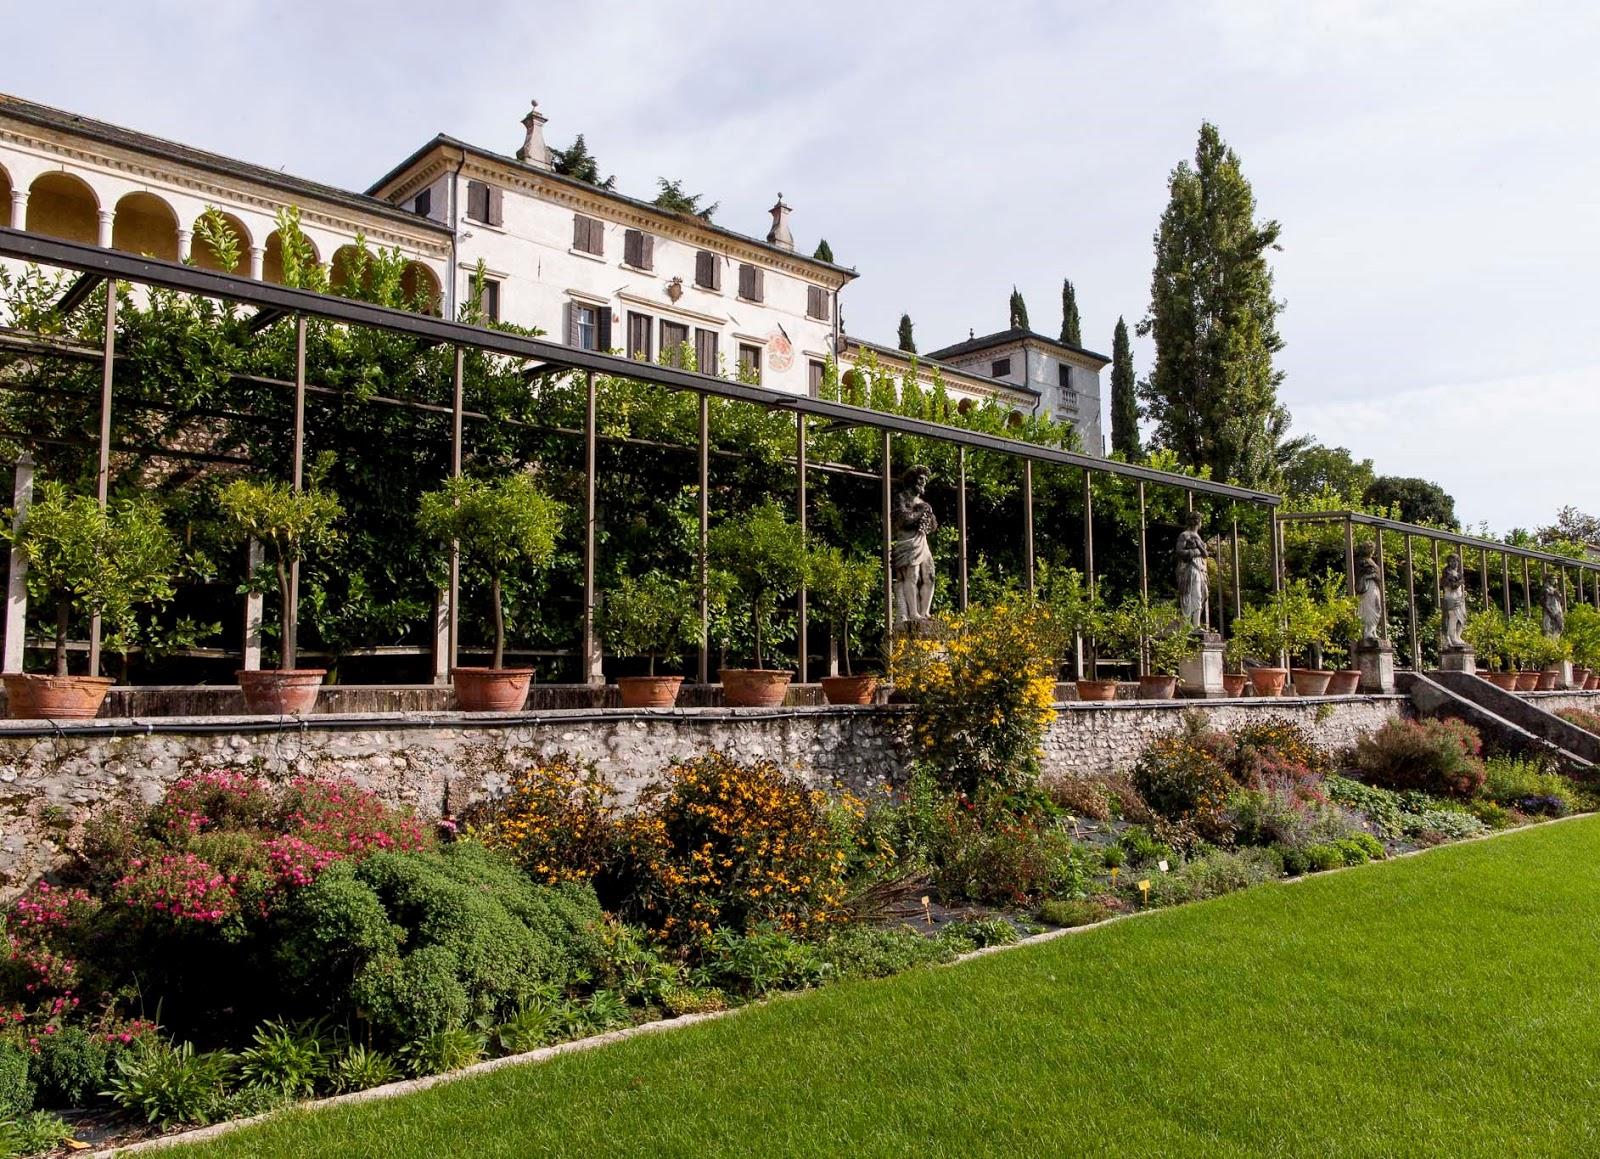 Top Paesaggi di villa. Architettura e giardini nel Veneto | IL POPOLO  ED21